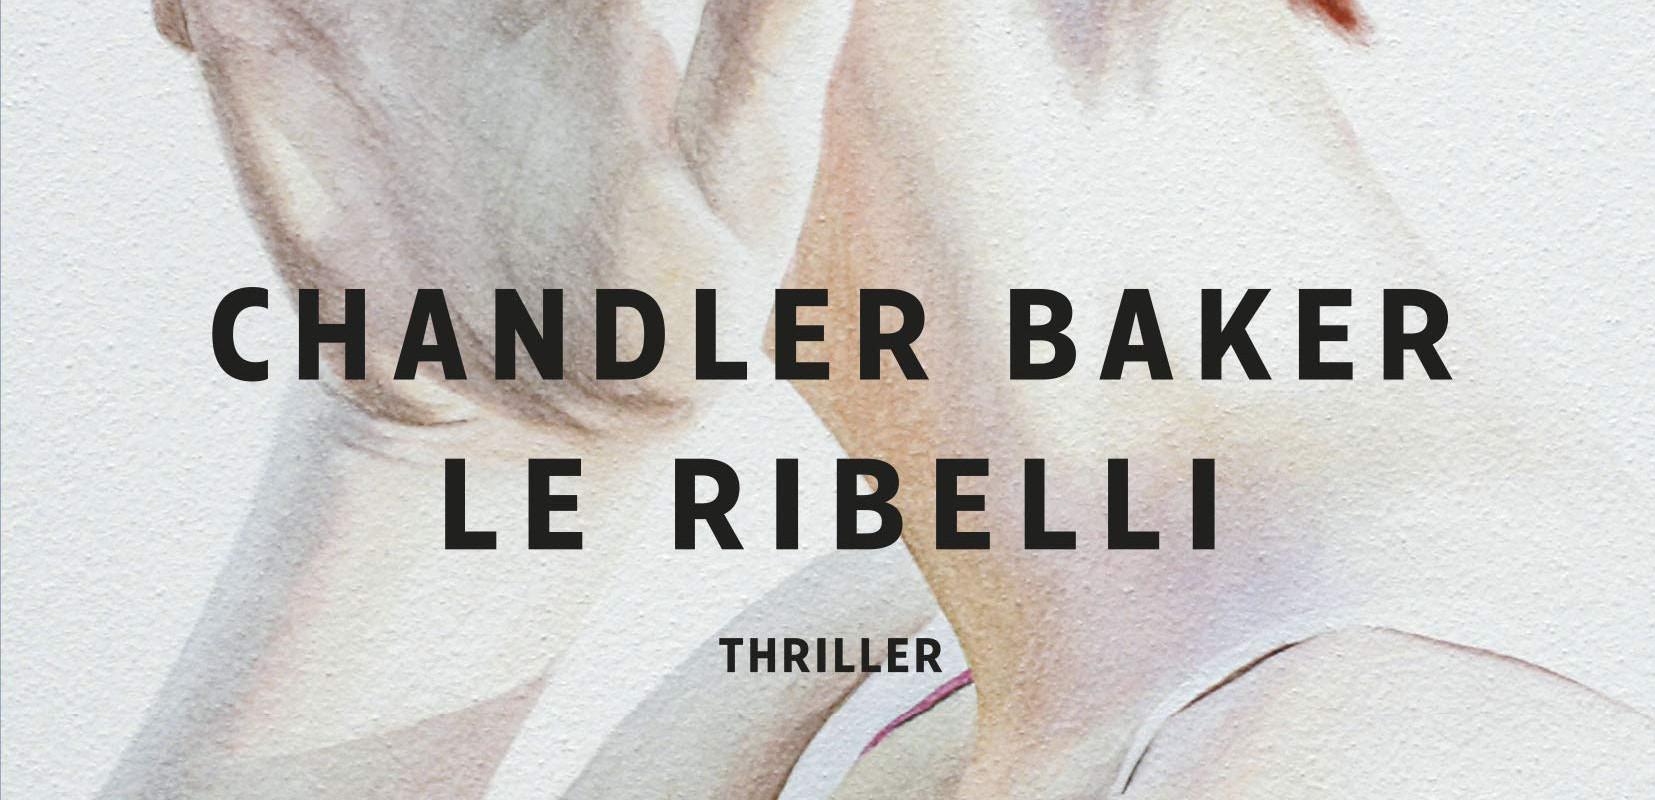 """Le ribelli è un """"thriller"""" di Chandler Baker, edito Longanesi, sulla delicata questione delle difficoltà delle donne nel mondo lavorativo."""